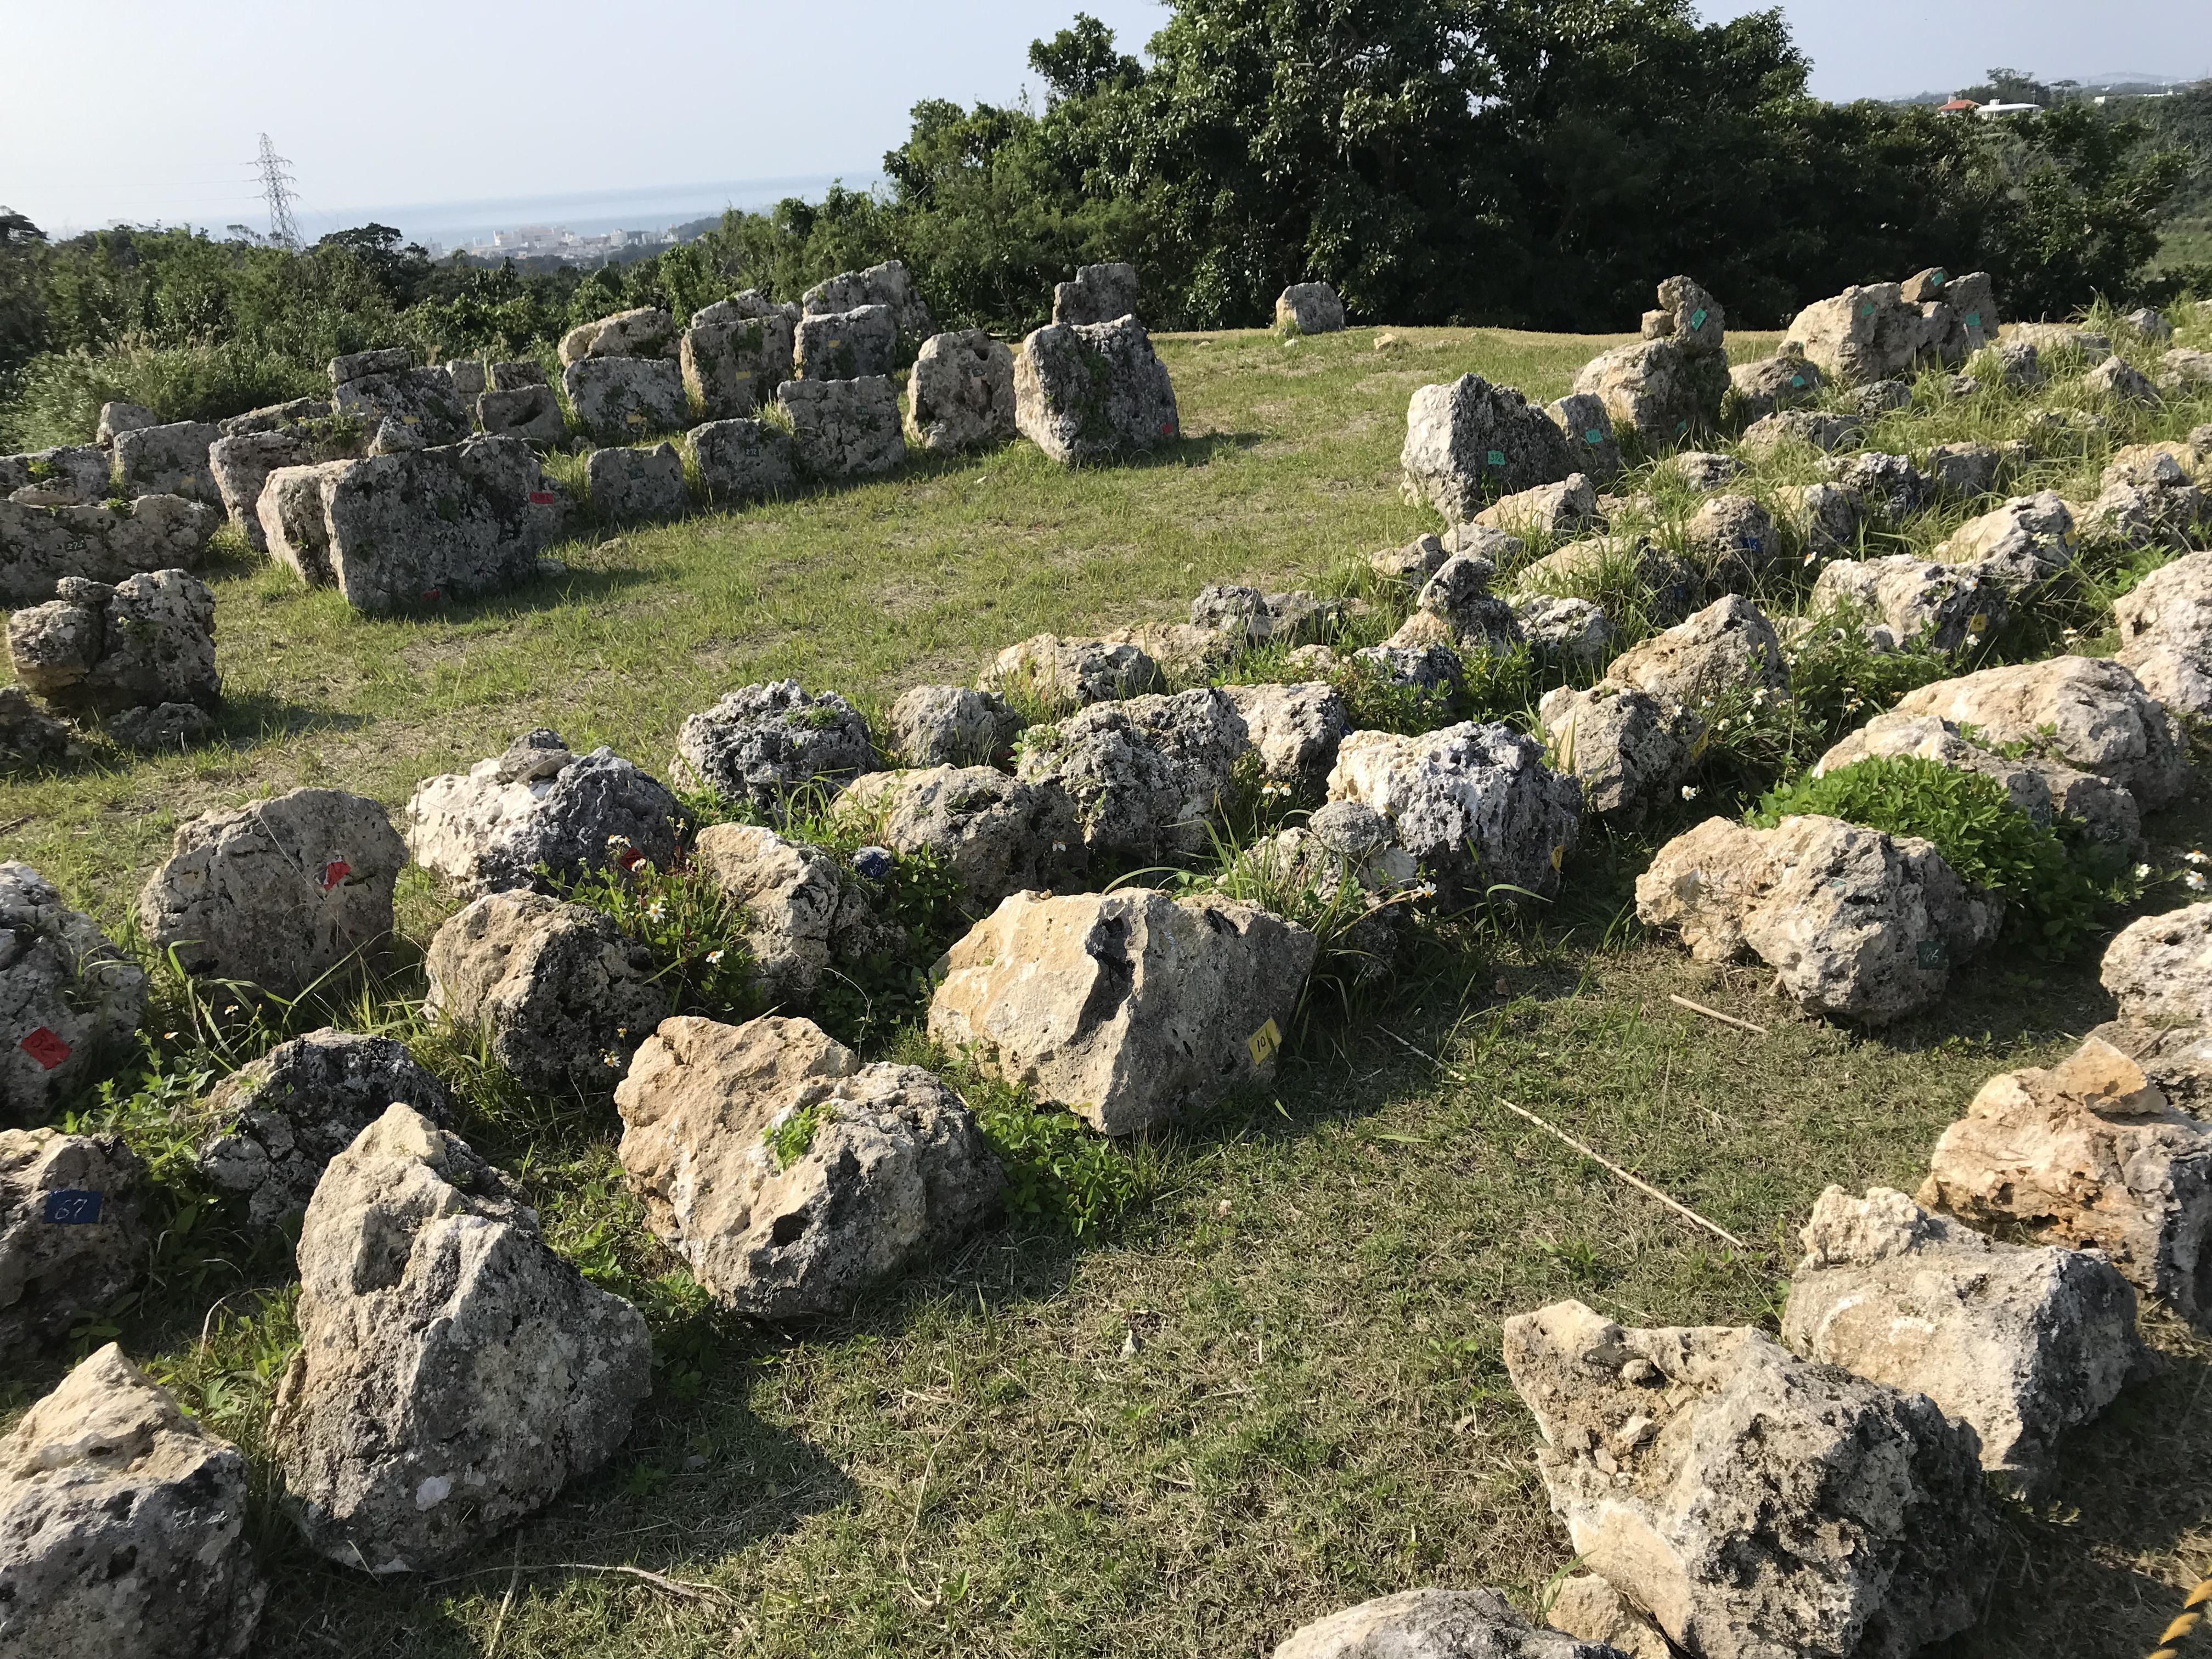 中城城跡の景観、石がたくさん置かれているが、理由は不明